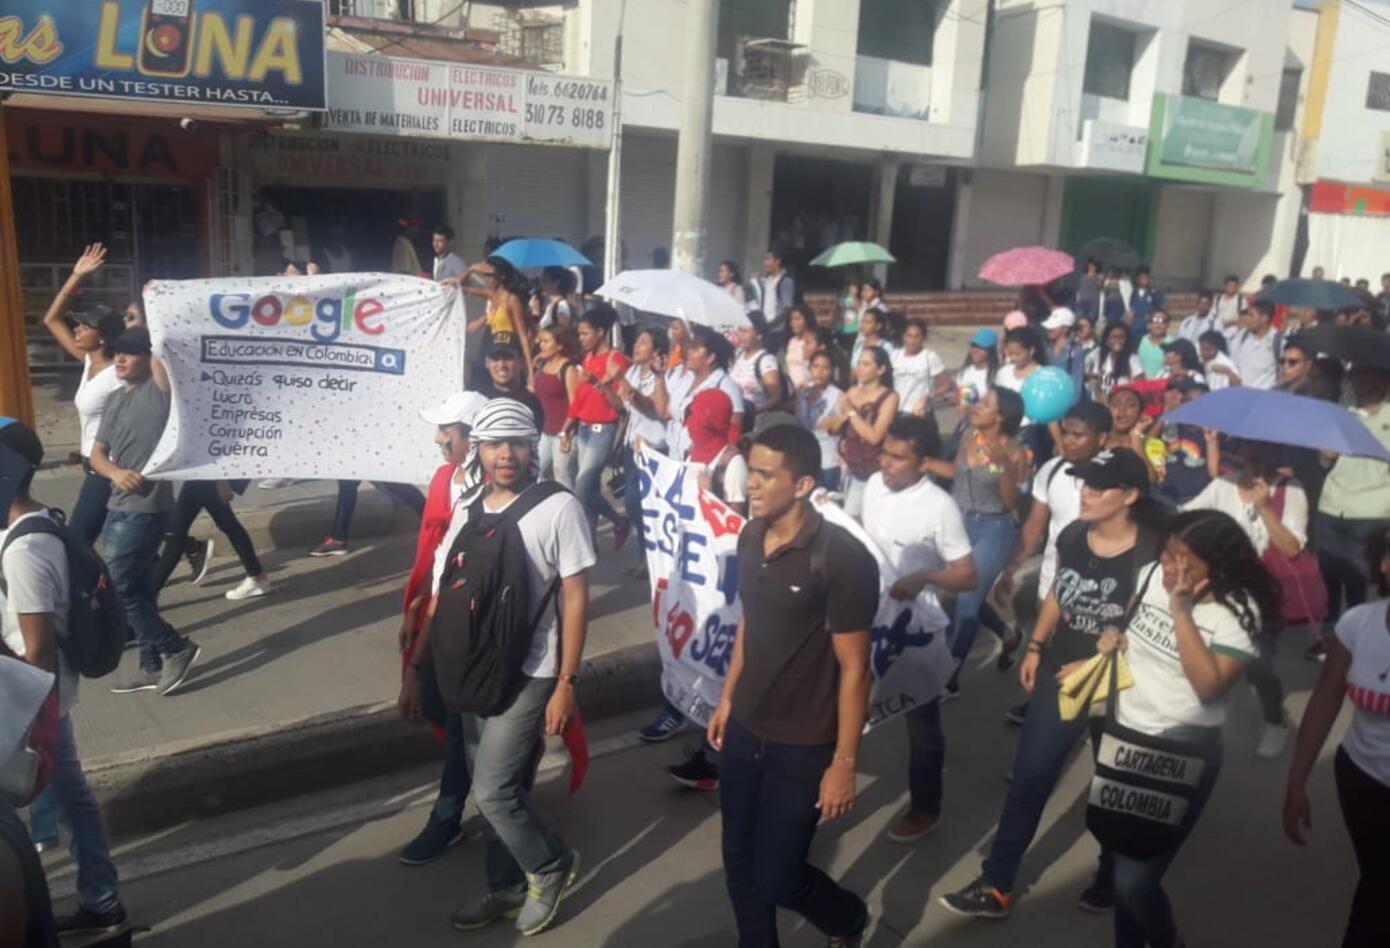 Estudiantes de la Universidad de Cartagena y de otras instituciones marcharon en protesta al recorte presupuestal que hará el gobierno del Presidente Iván Duque.